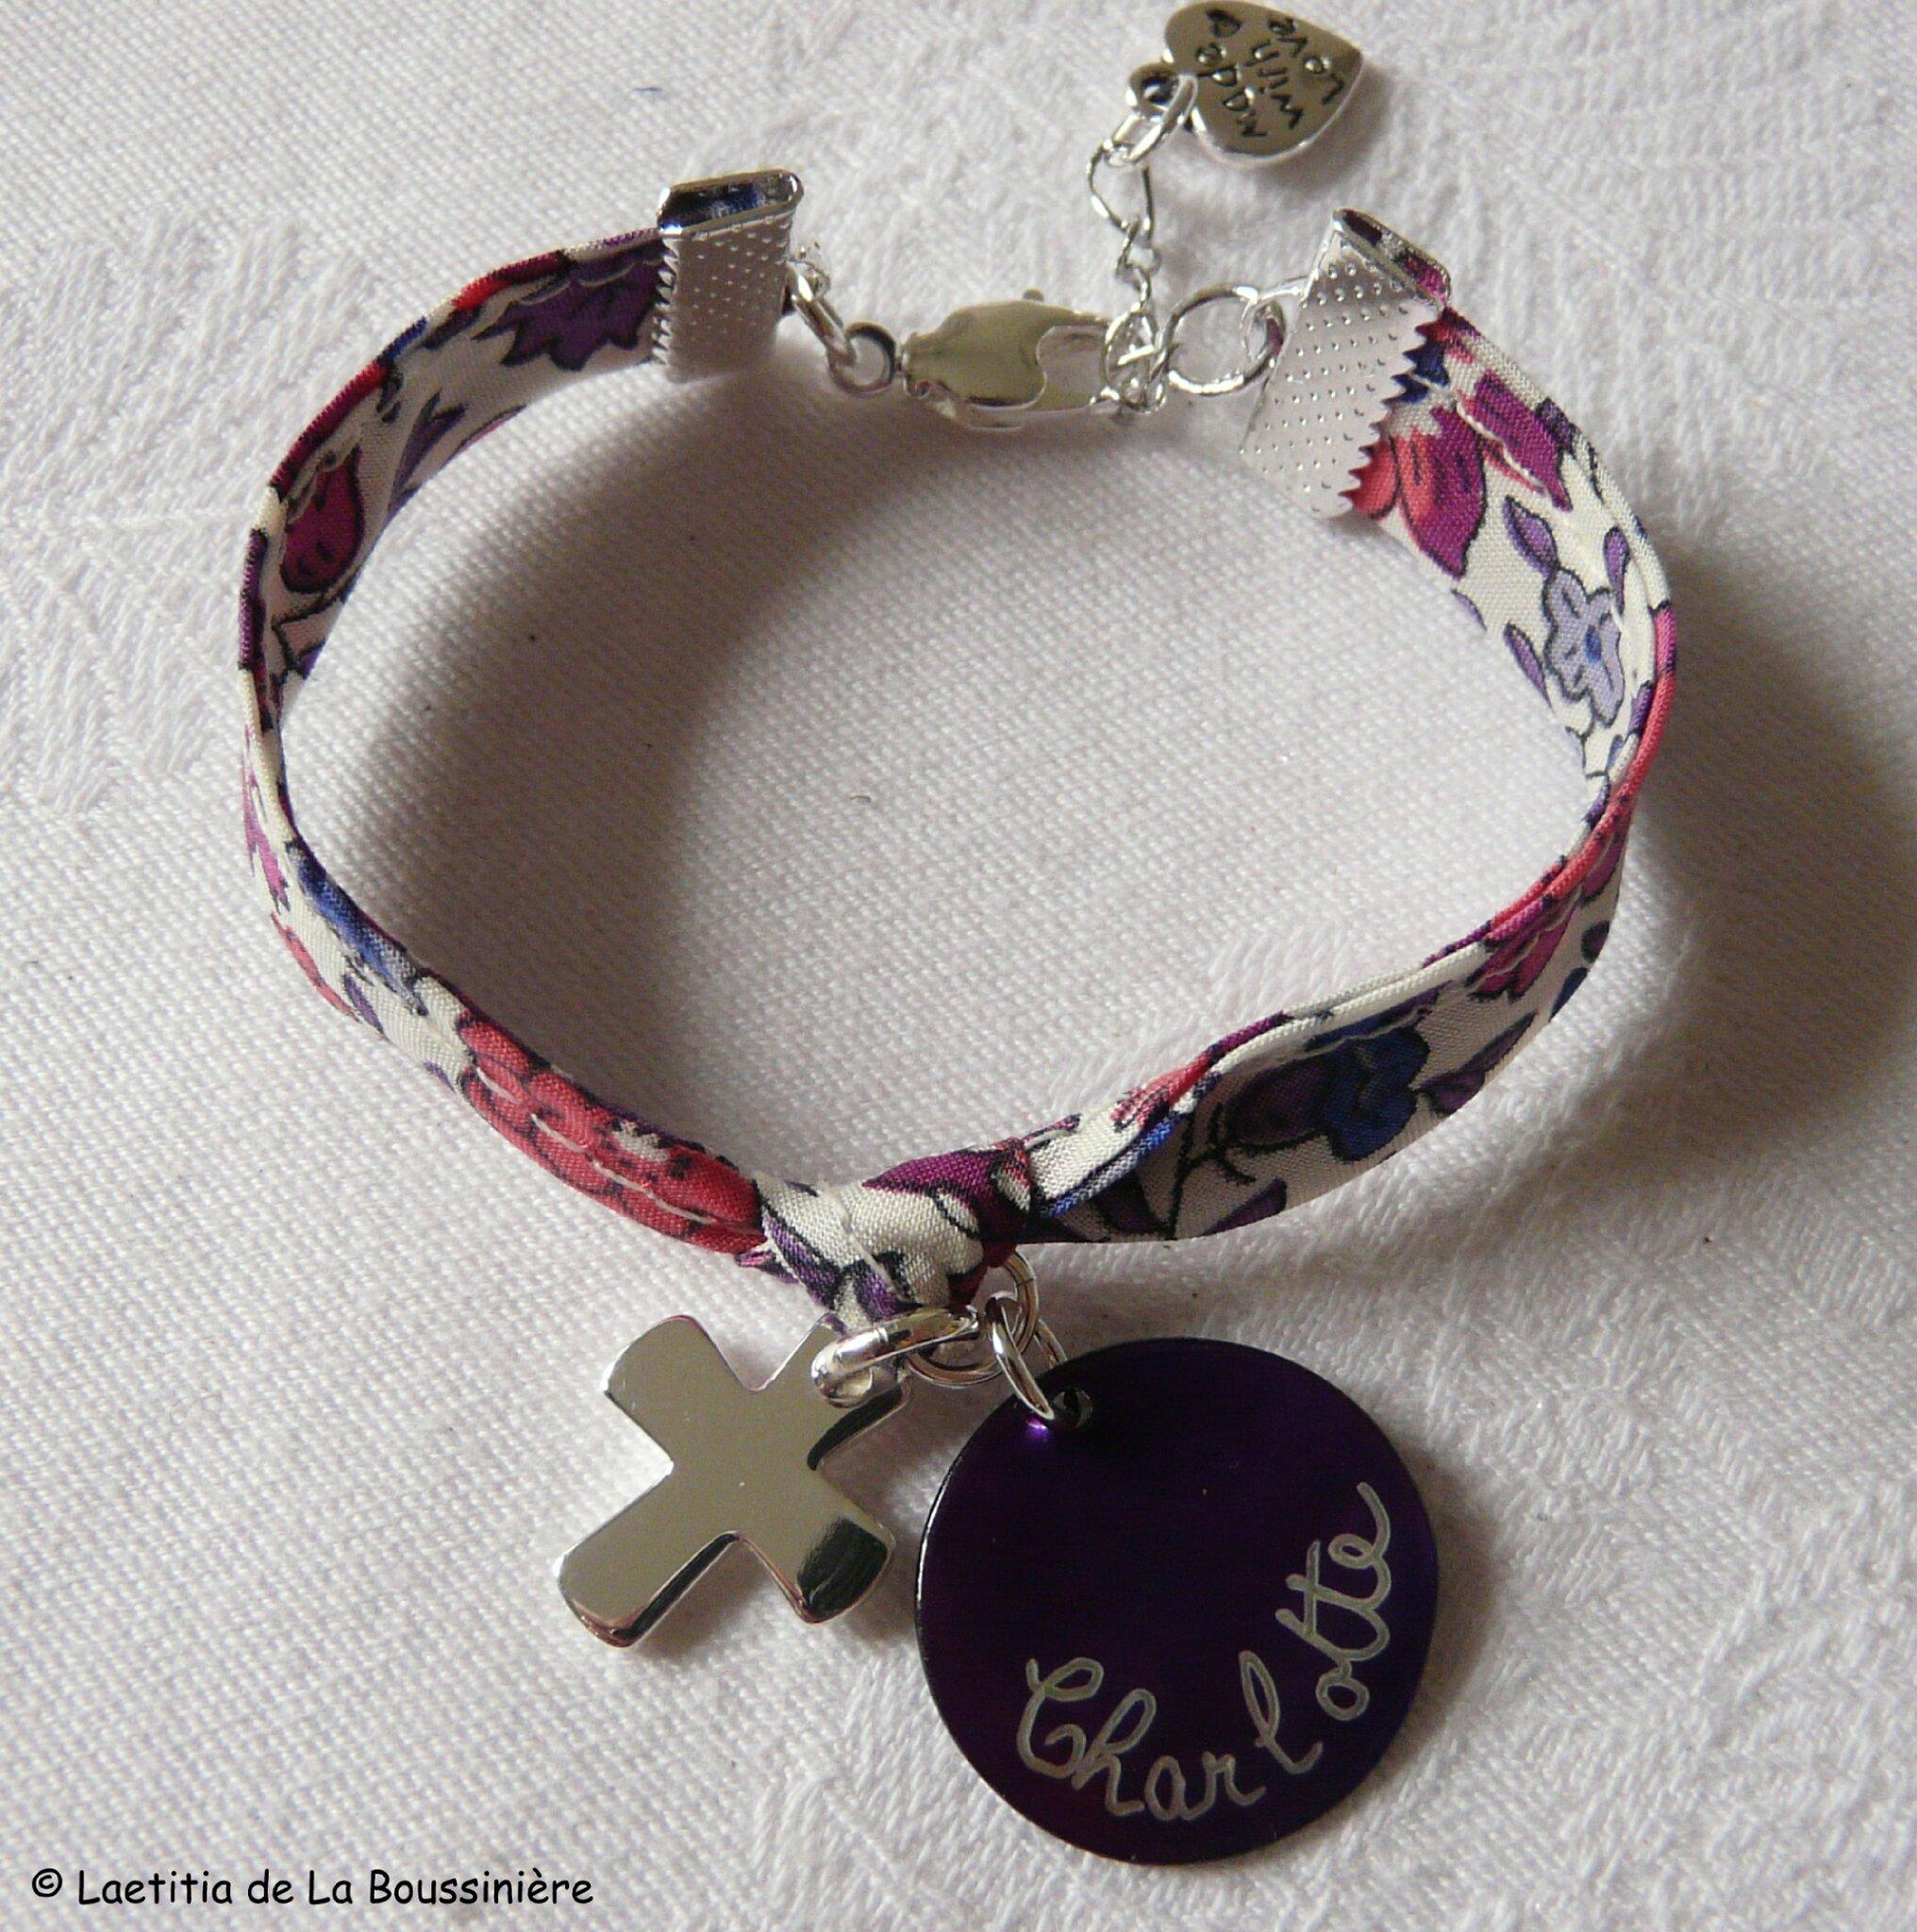 Bracelet sur ruban Croix 16 mm en argent massif et médaille en nacre personnalisée (sur ruban d'Anjo violet)